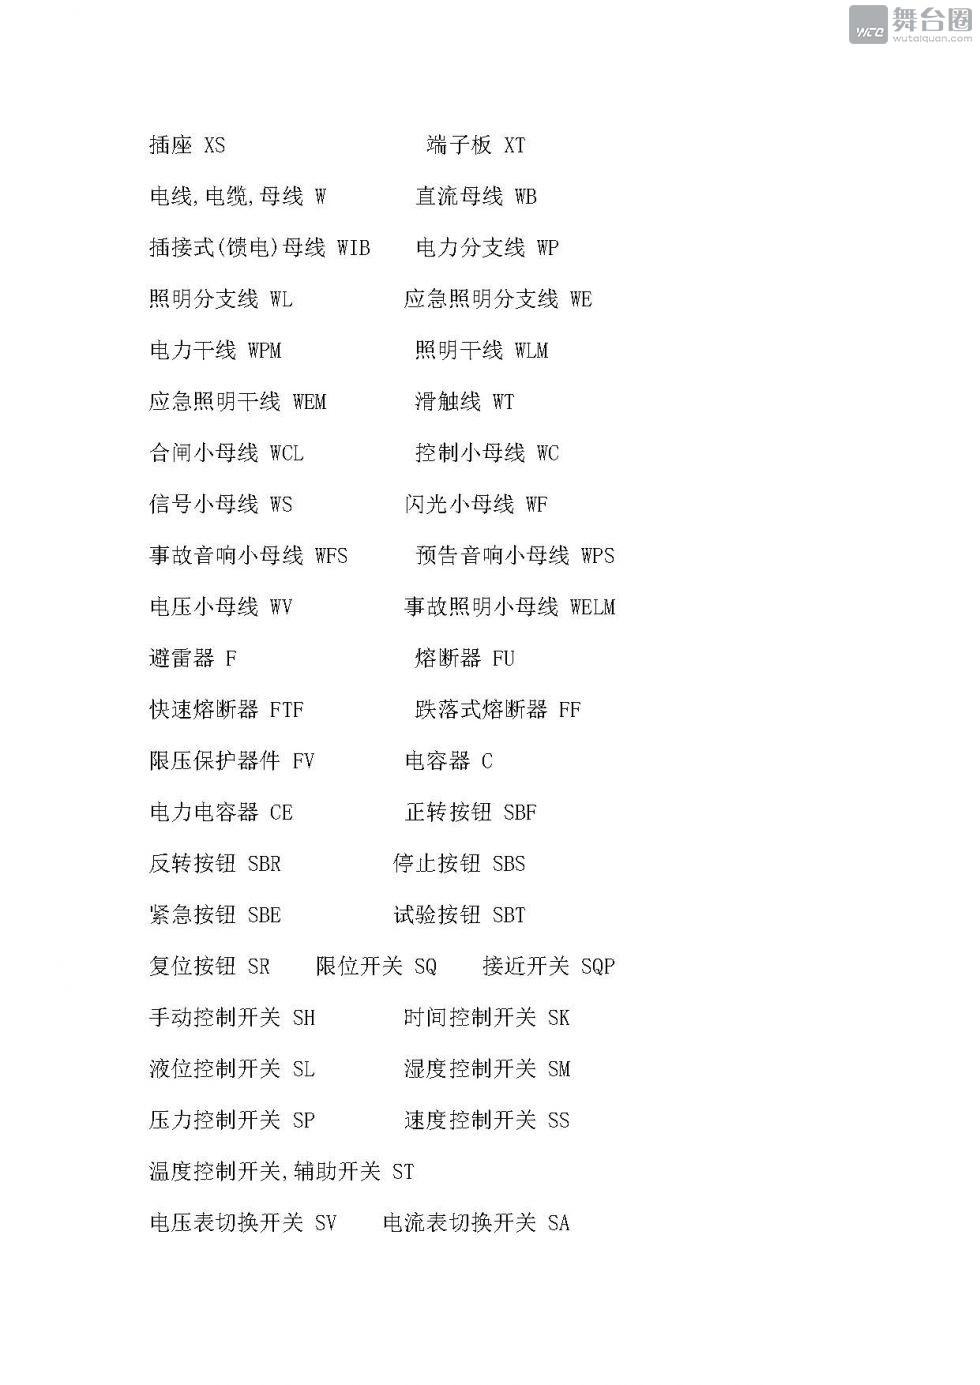 电子元件符号大全_页面_09.jpg